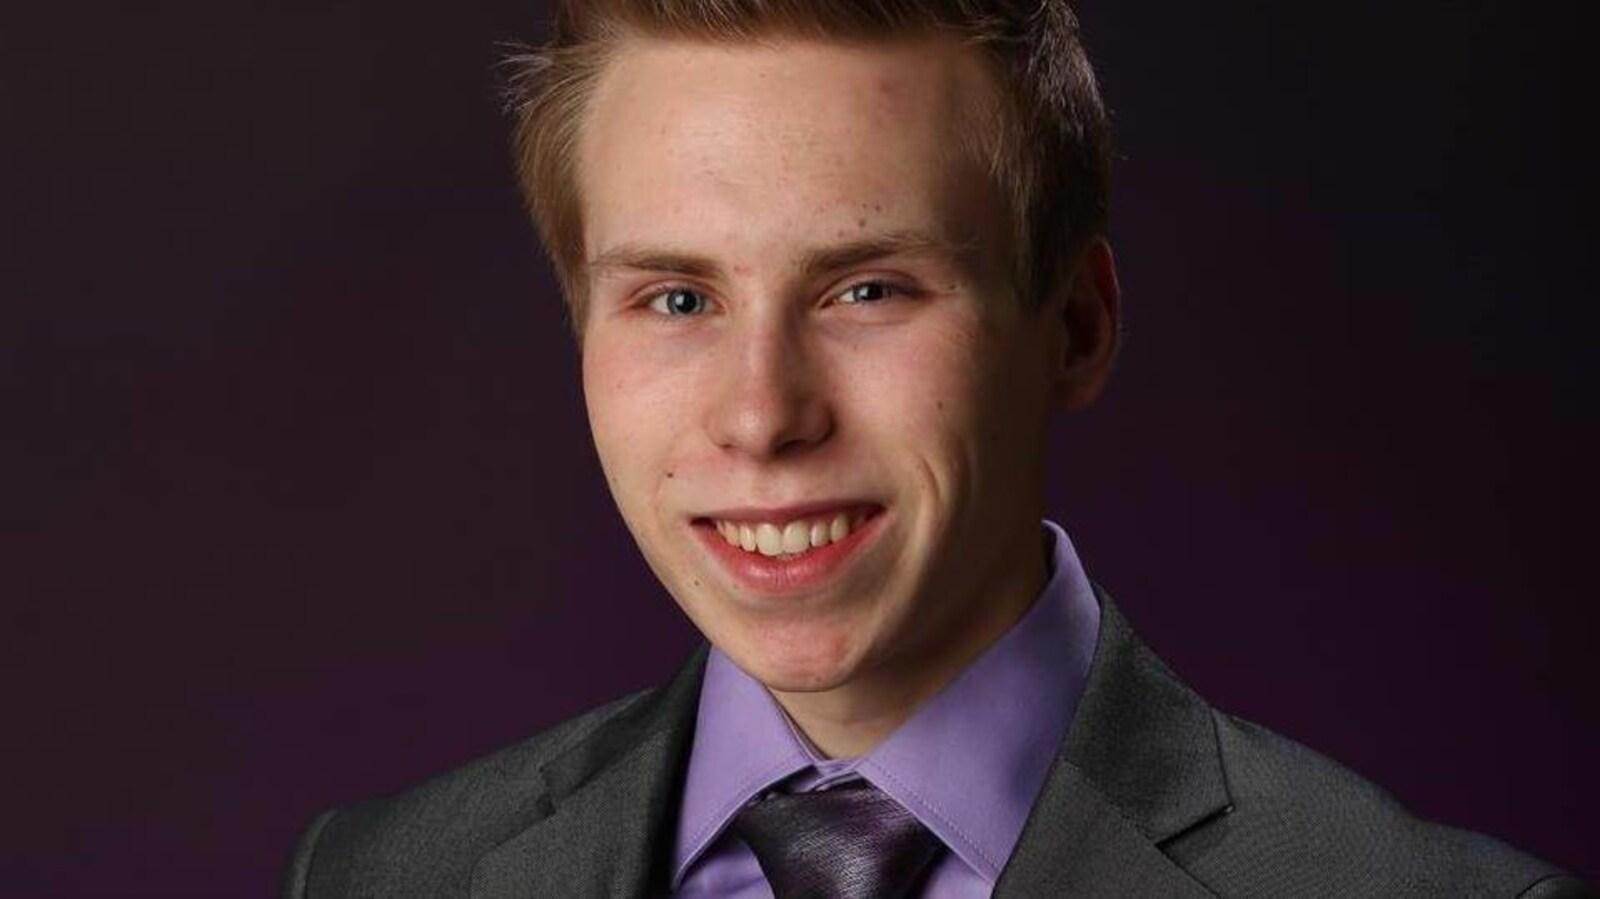 Le jeune homme pose pour une photo professionnelle vêtu d'un veston.